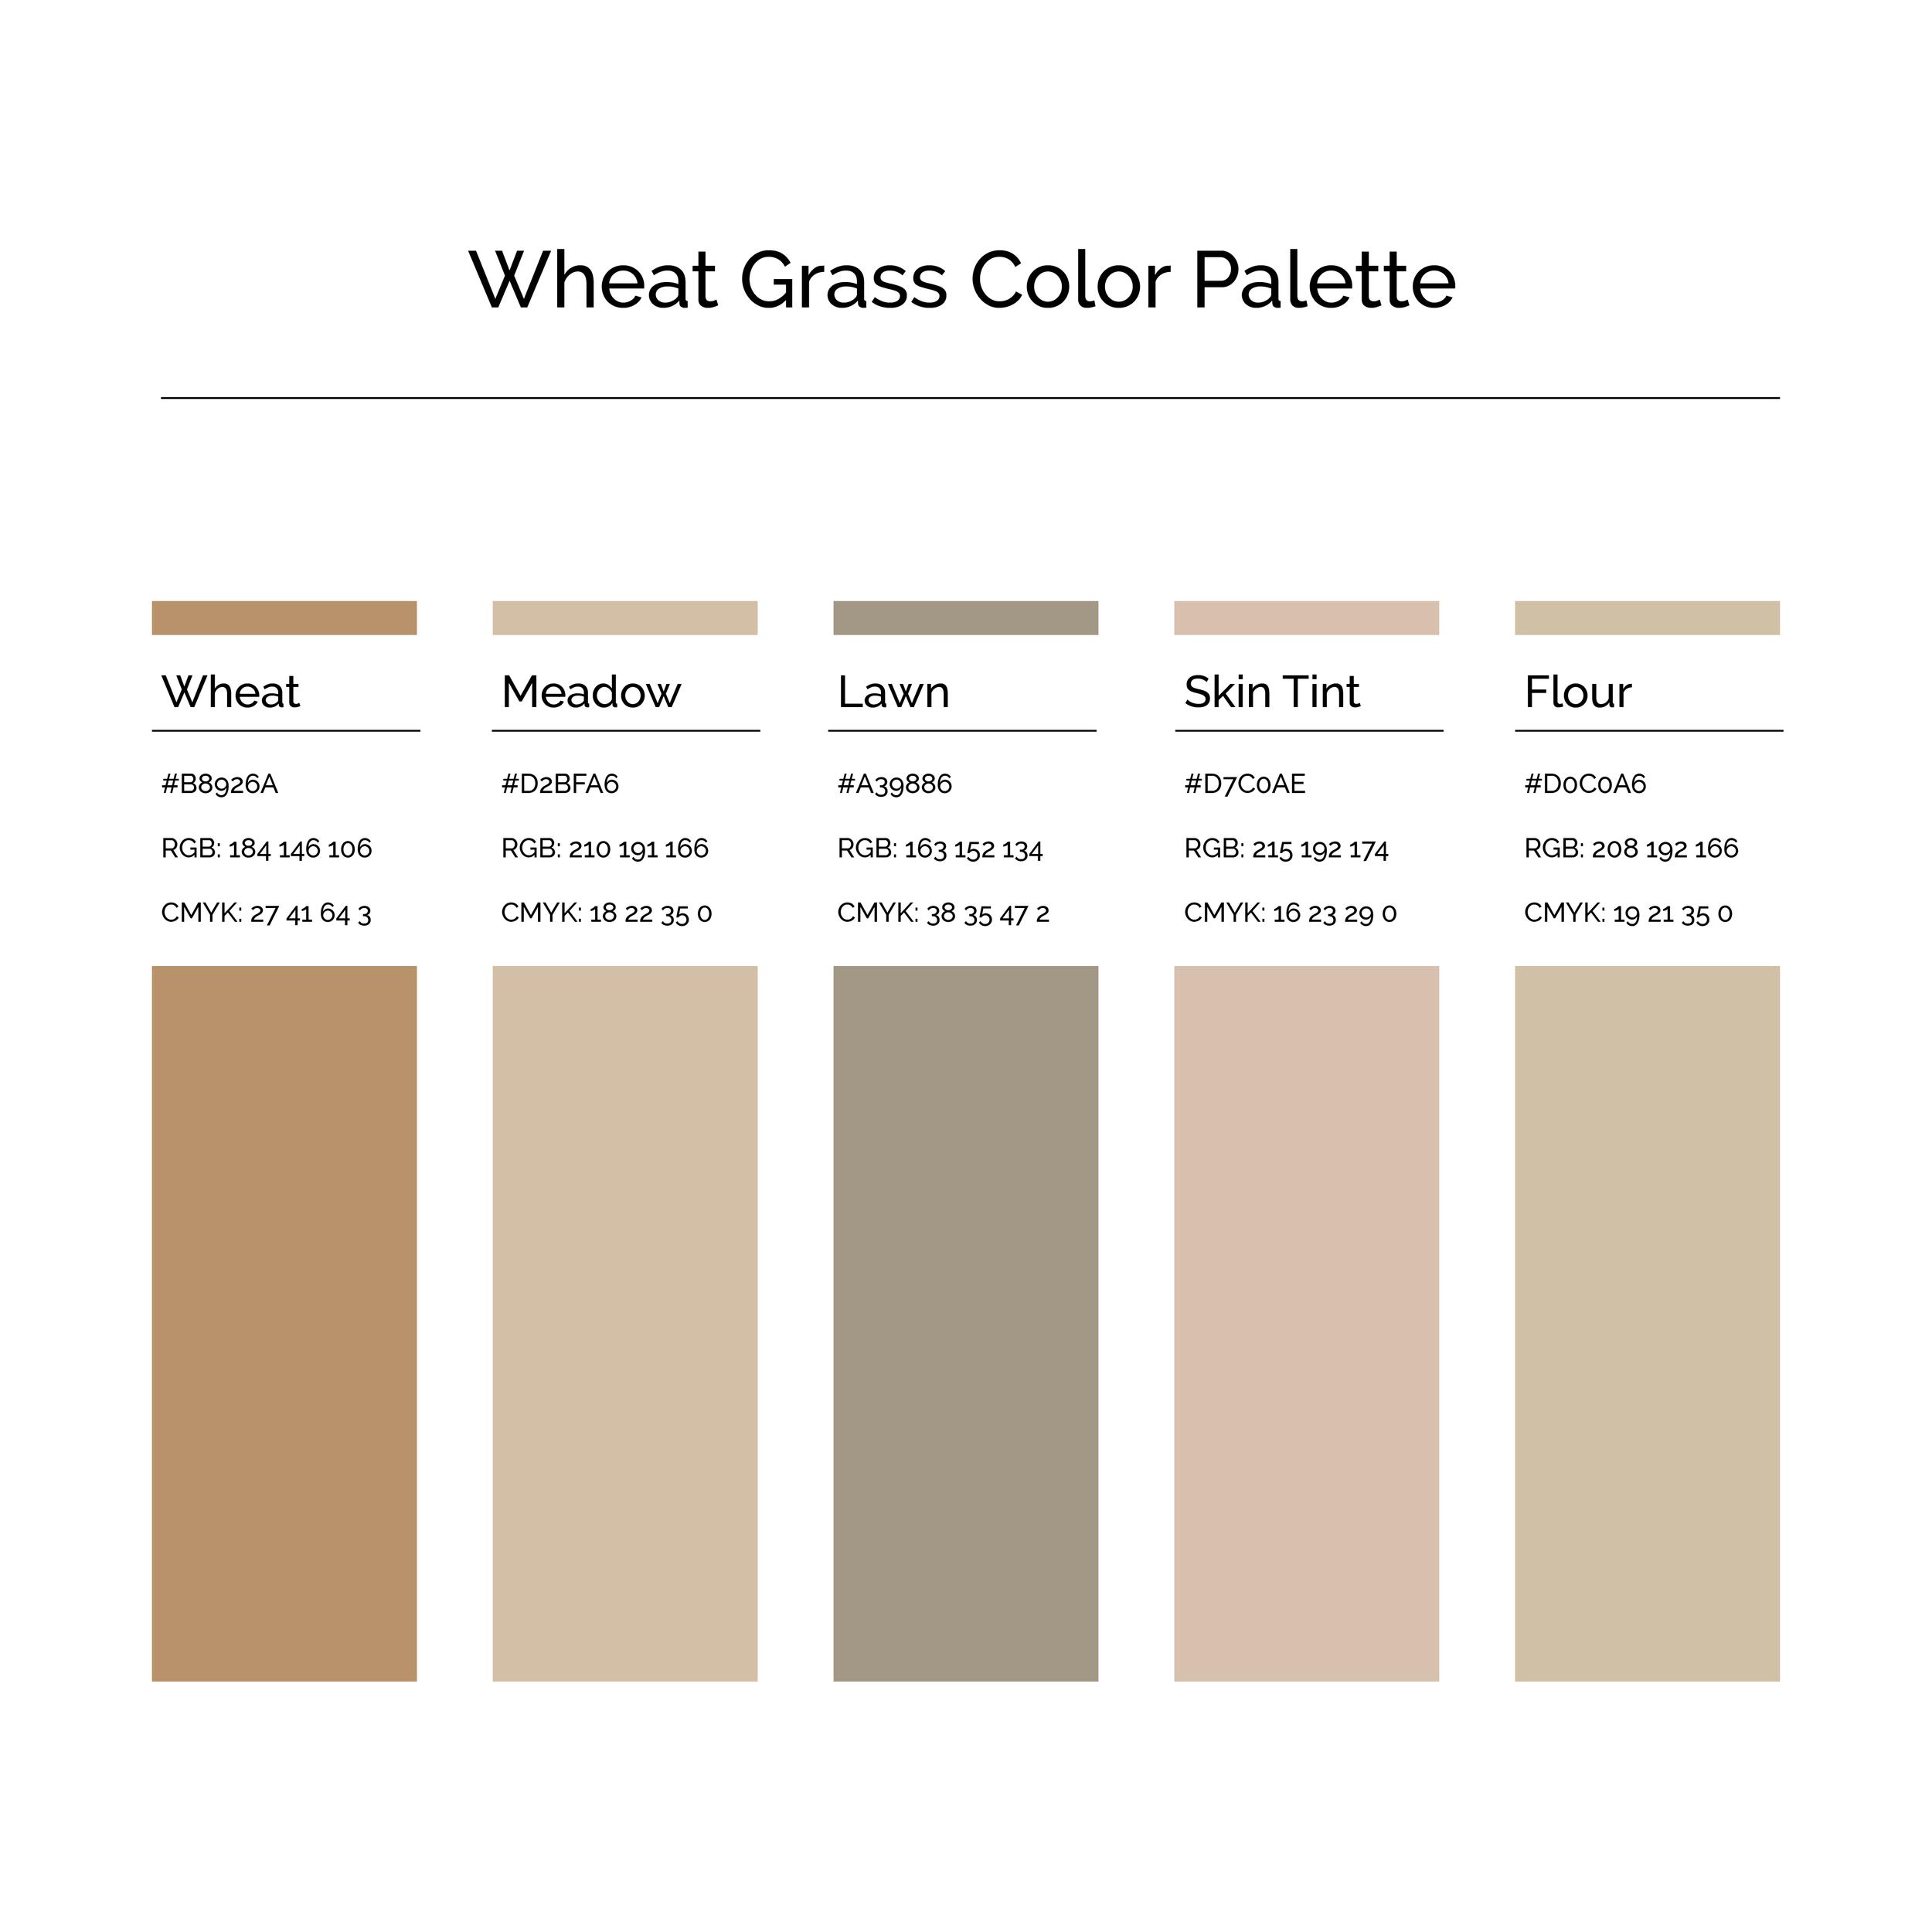 15 More Color Palettes | Wheat Grass Color Palette